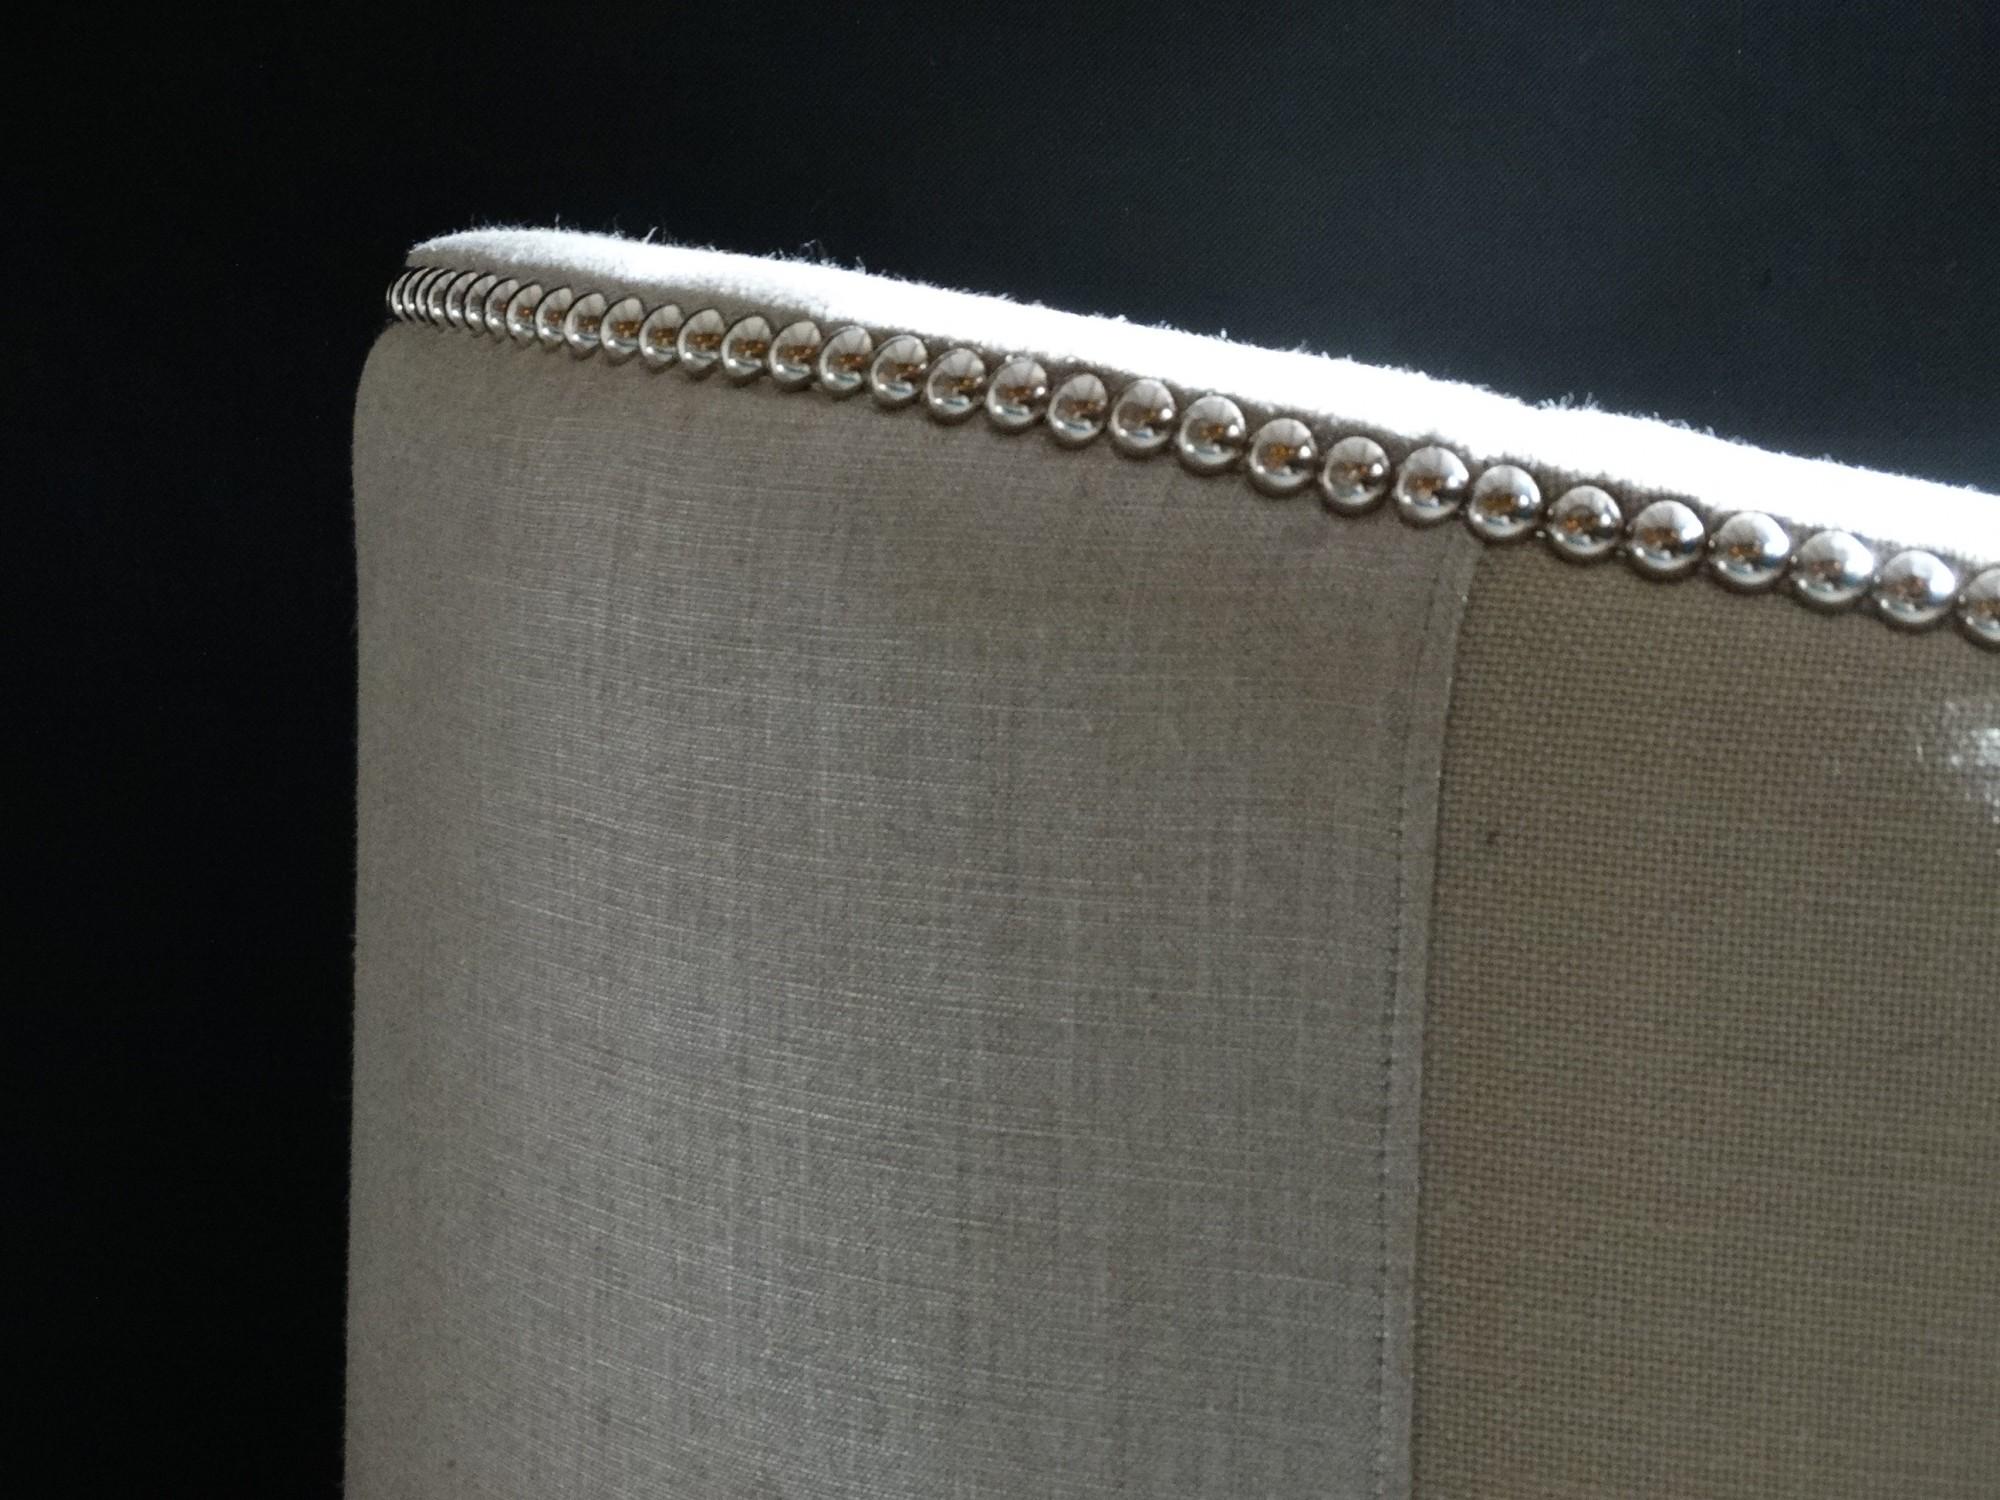 Fauteuil sur mesure capitonné en lin beige argenté à Genève